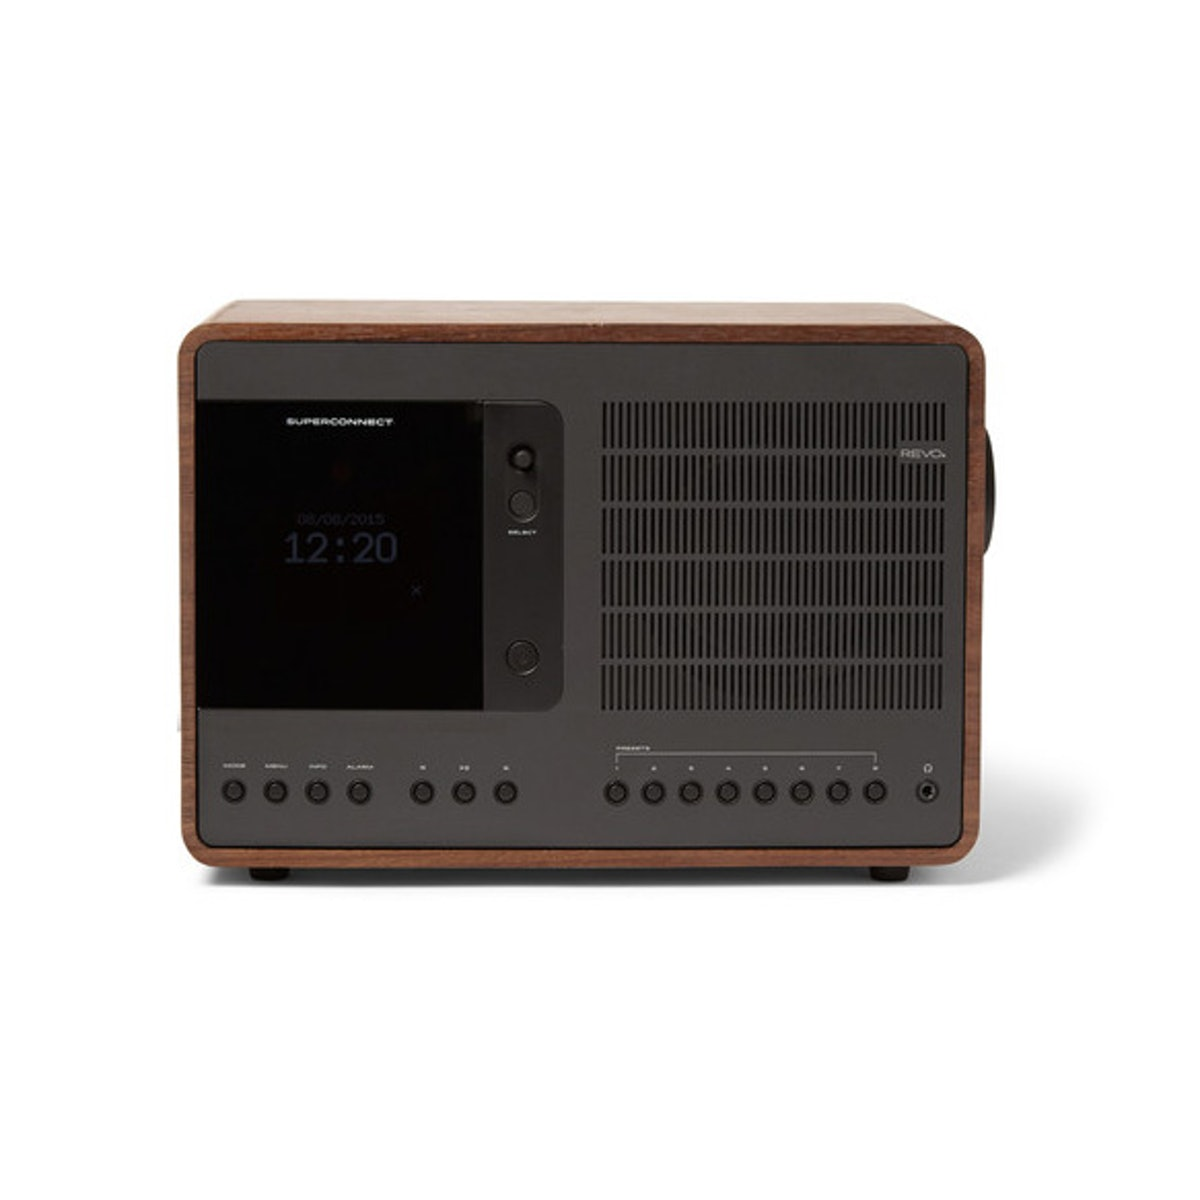 10.-REVO-TABLE-RADIO-$450-MRPORTER.COM